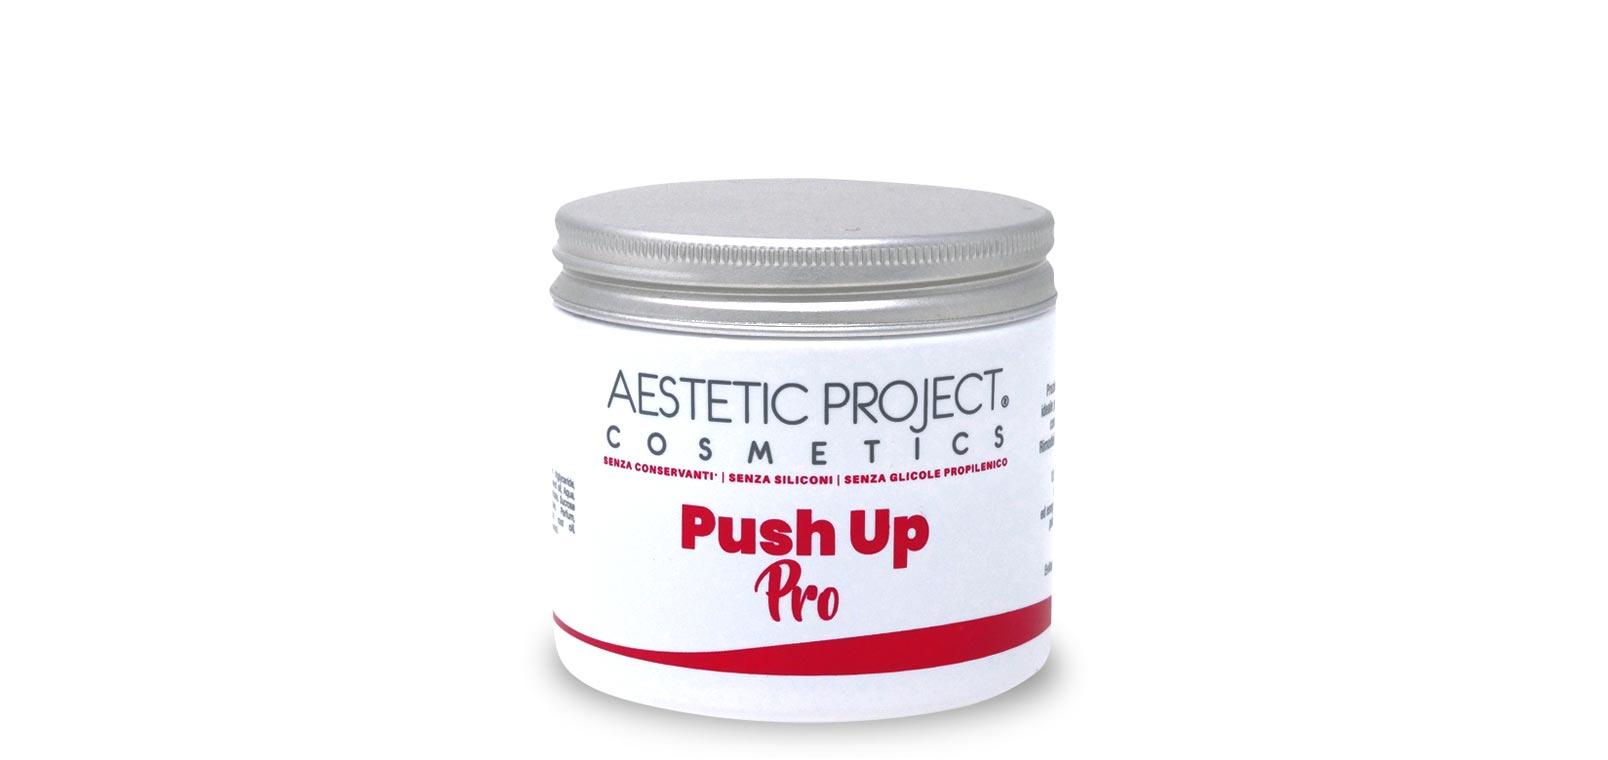 Push up pro: crema per massaggi  Trattamento estetico professionale rassodante dei glutei Lato B